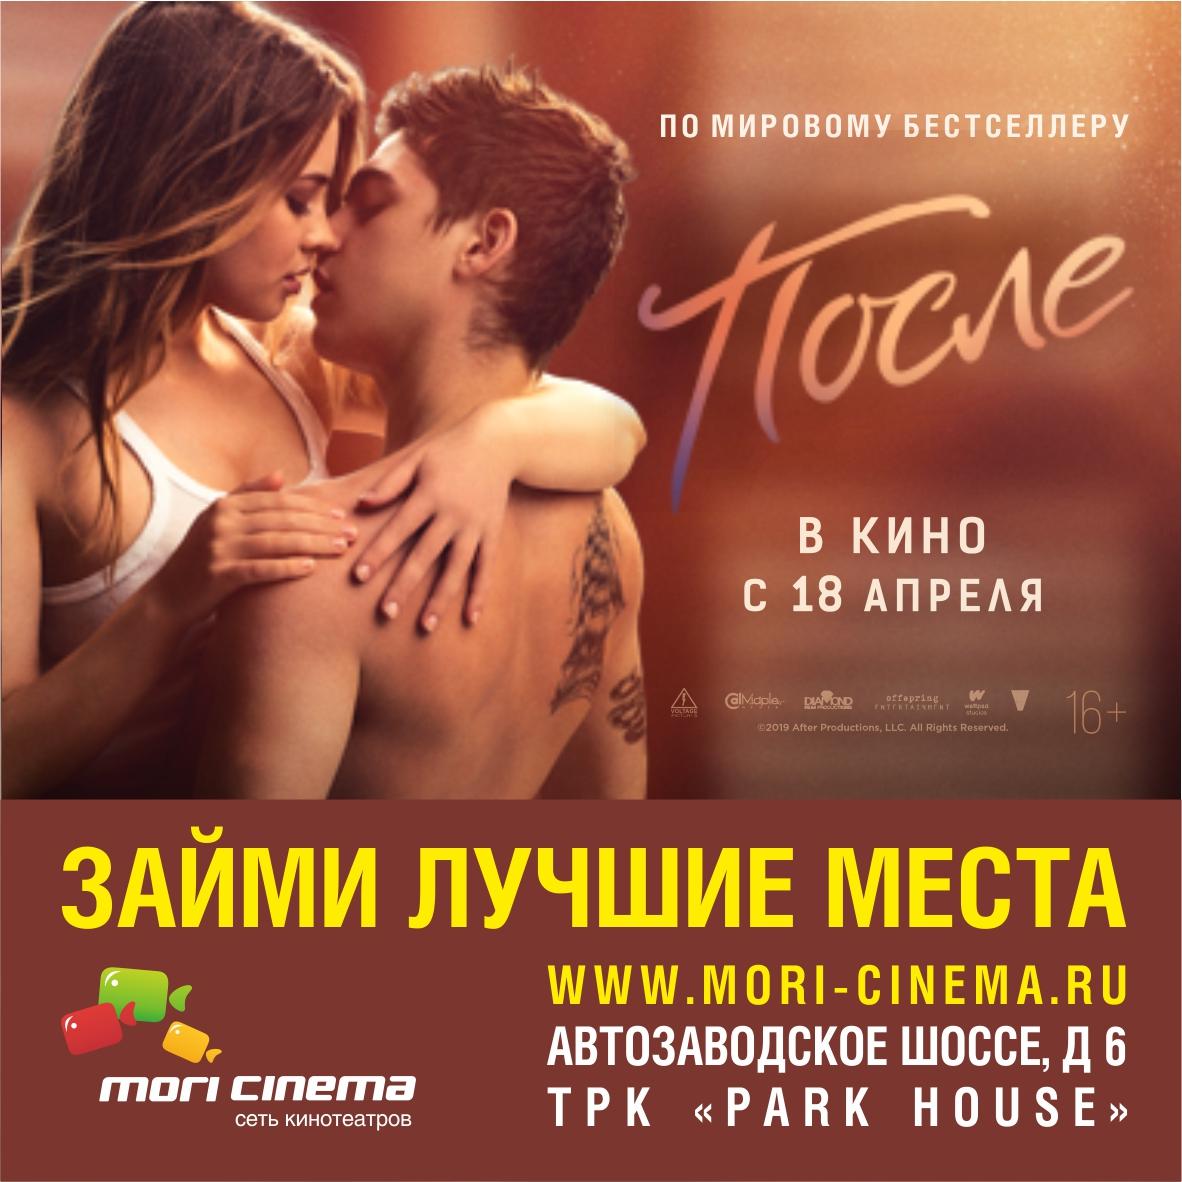 В MORI CINEMA экранизация бестселлера Анны Тодд «ПОСЛЕ»!